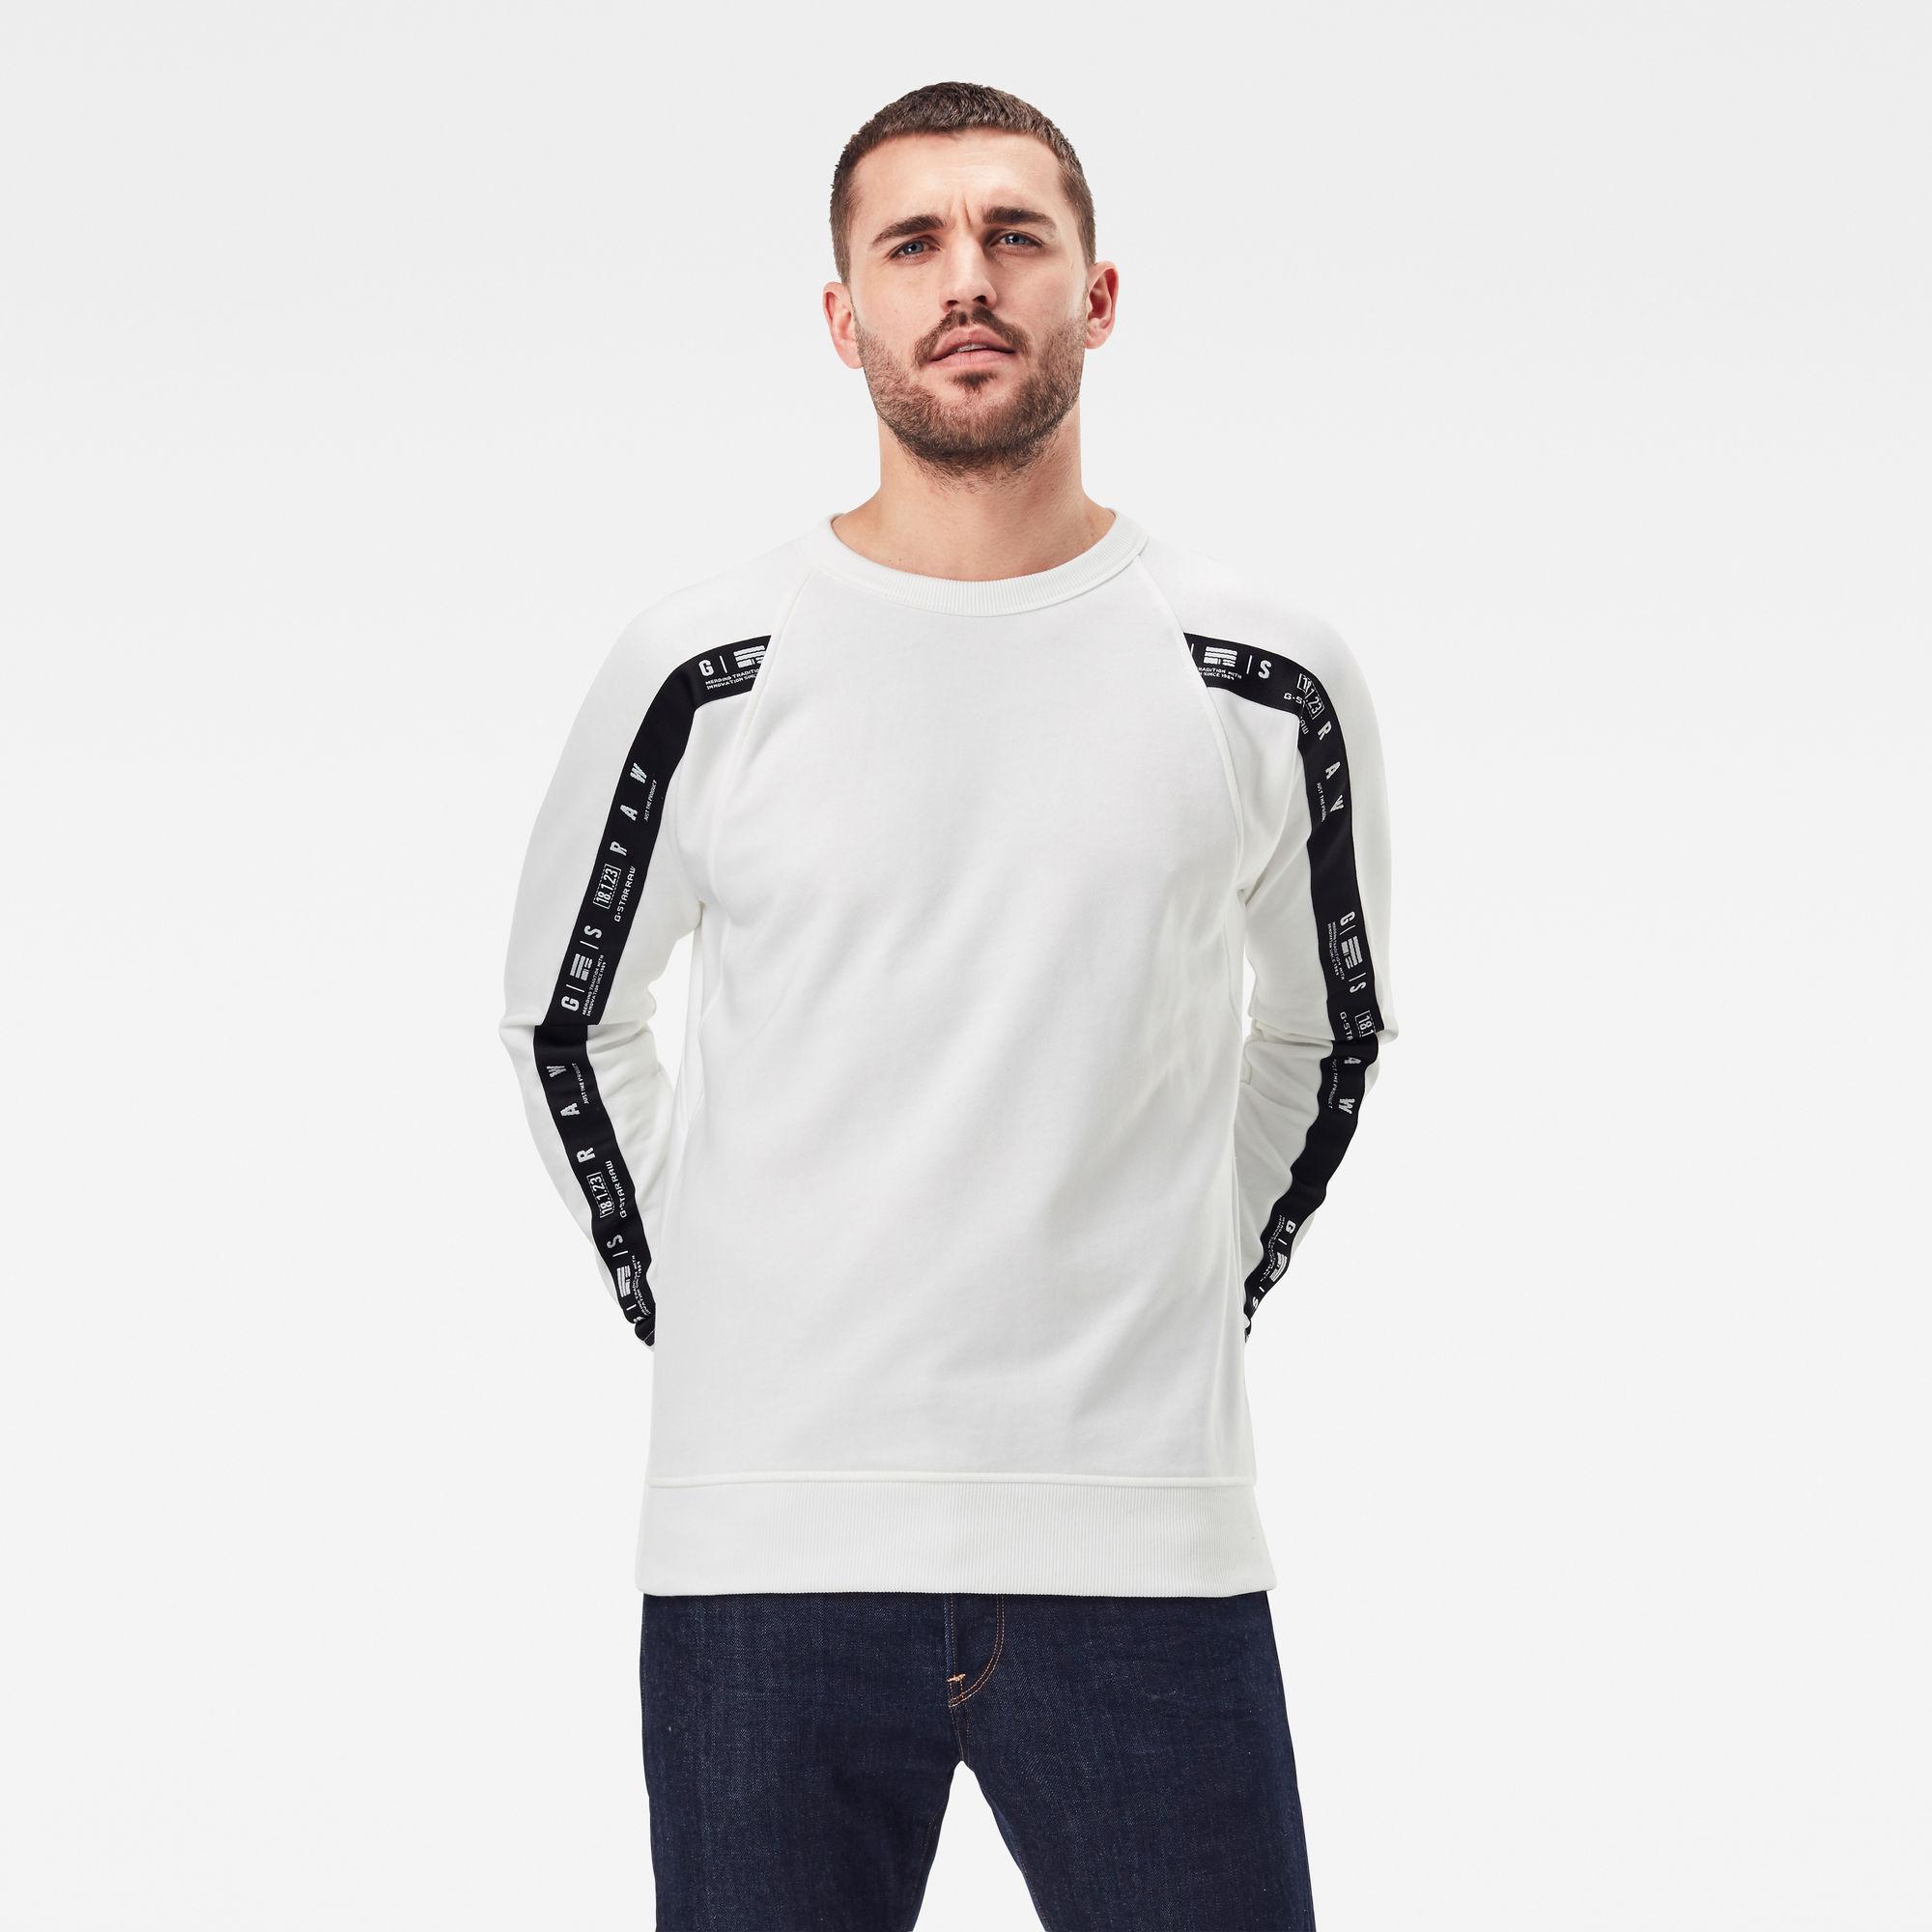 G-Star RAW Heren Raglan Taping Sweater Wit